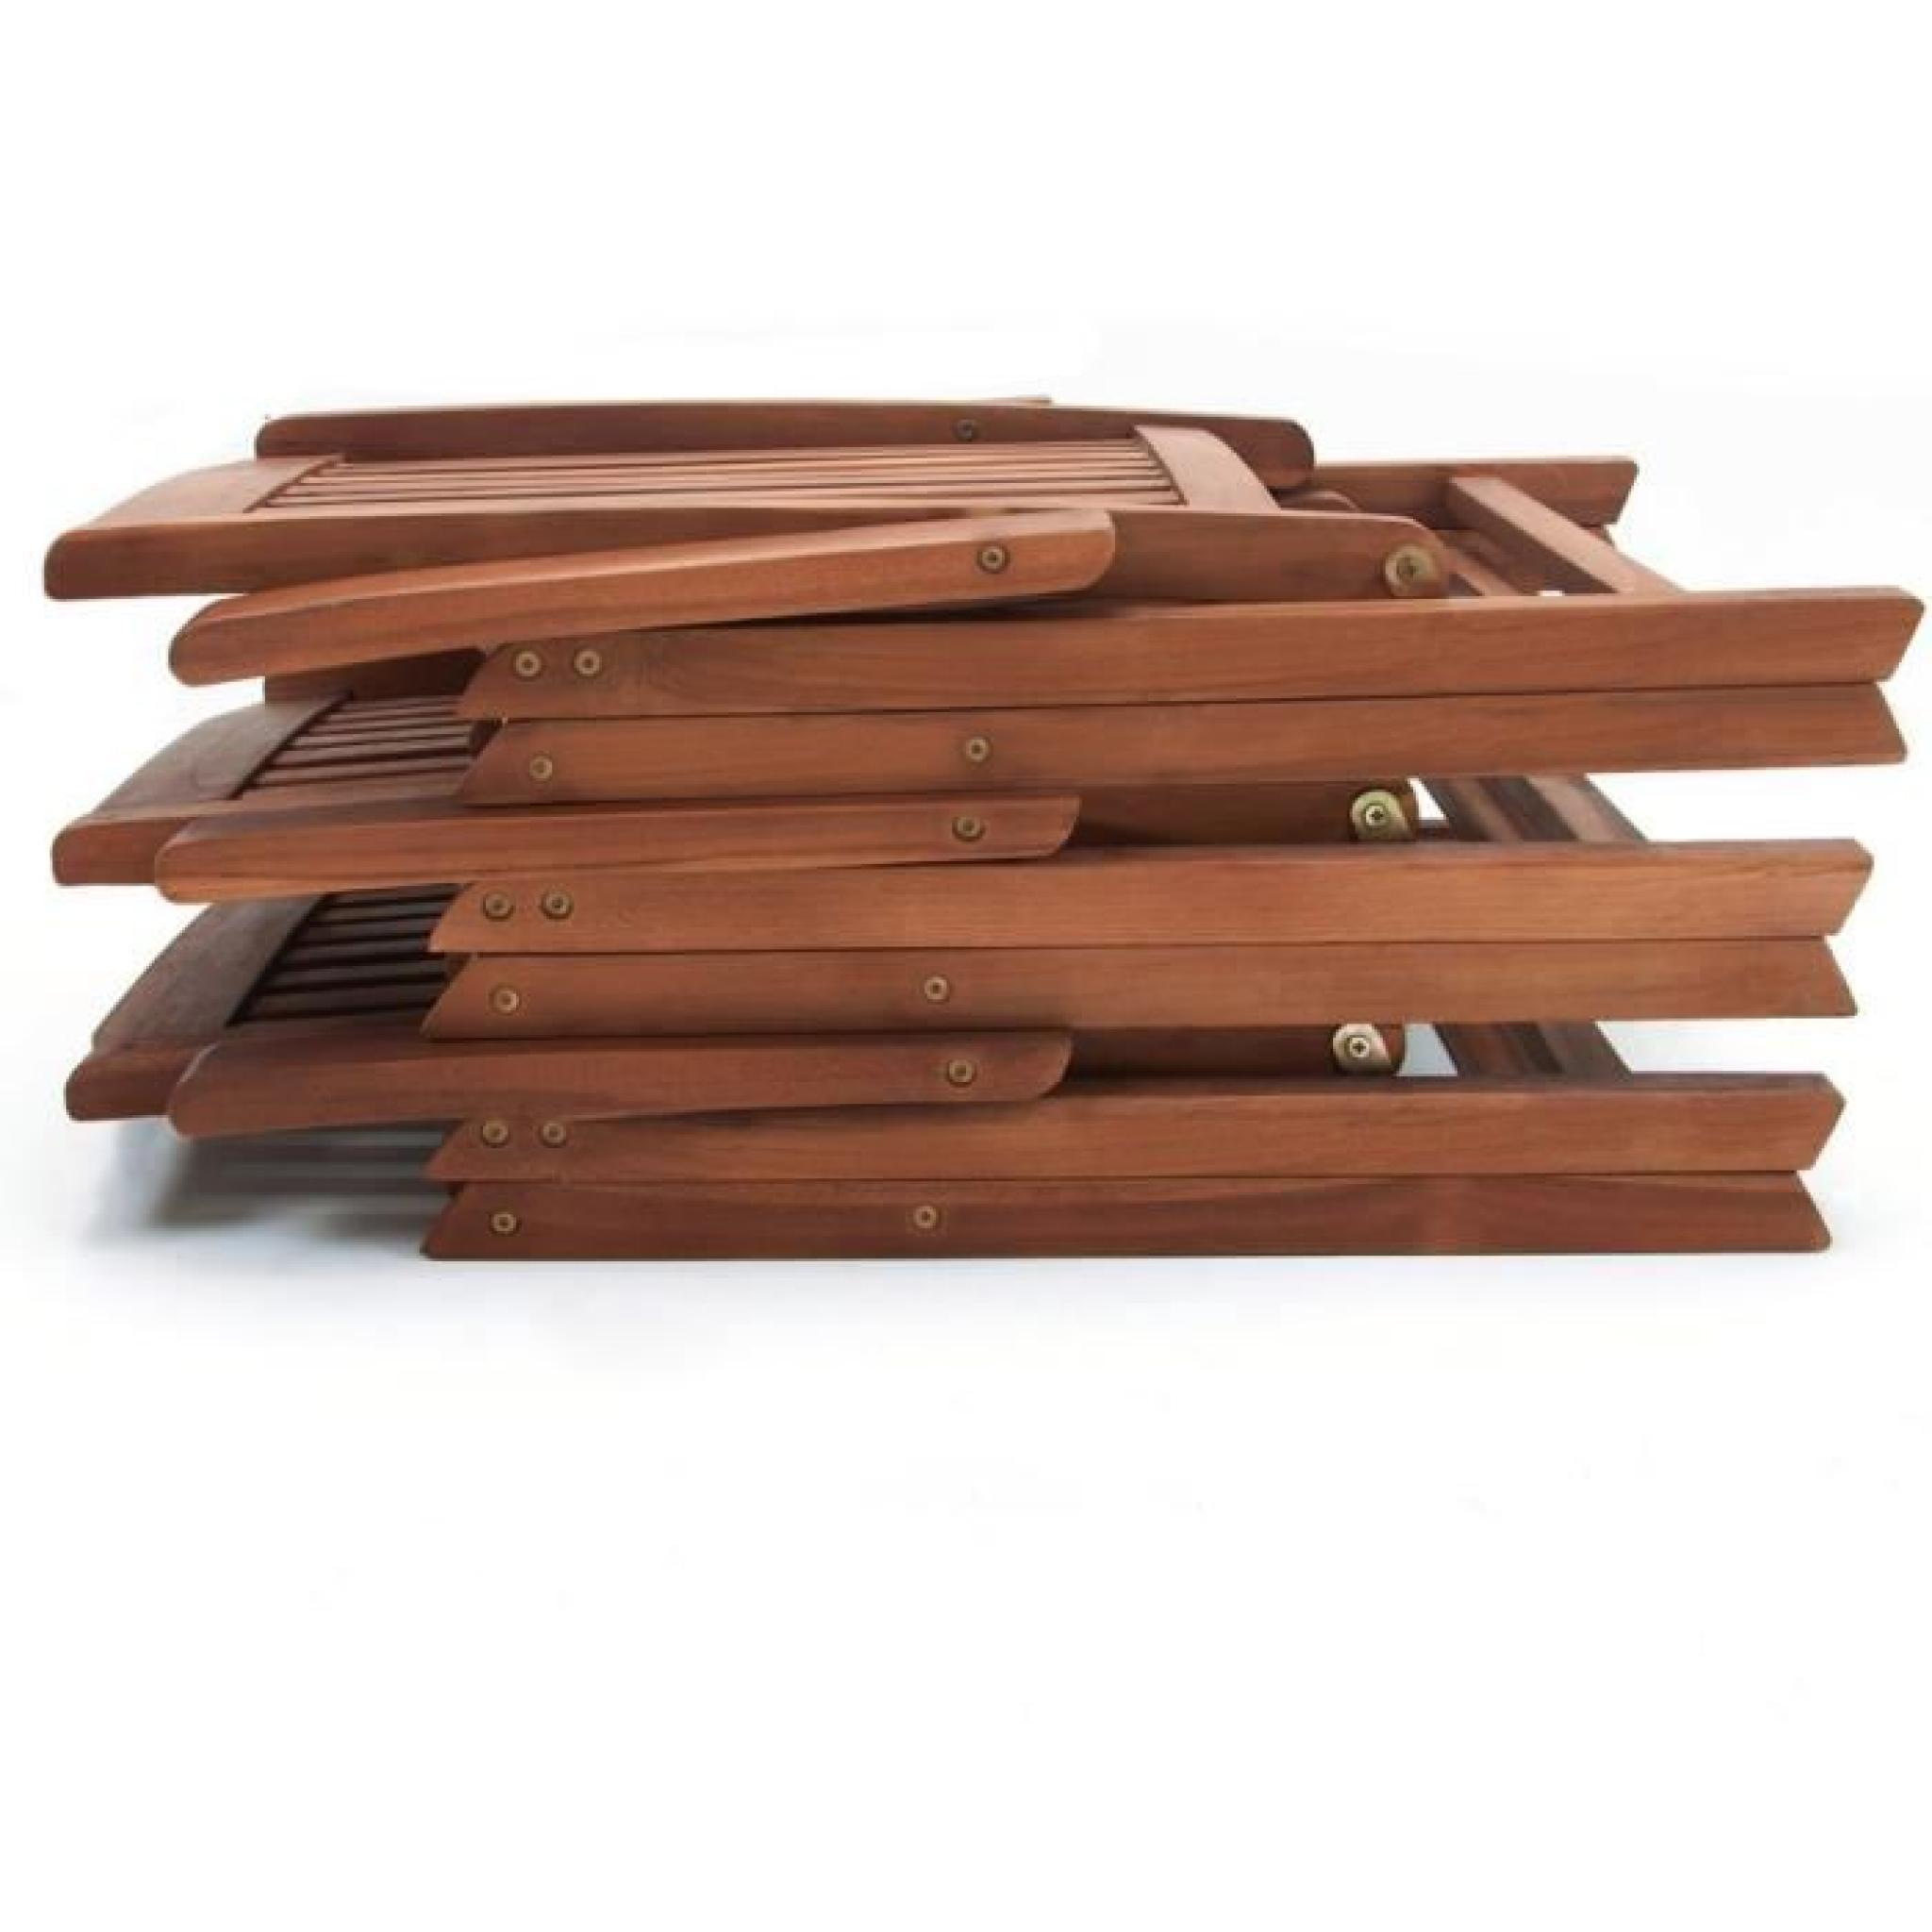 Salon de jardin vanamo ensemble 7 pi ces table et chaises en bois dur achat vente salon de for Ensemble table et chaise de jardin en bois pas cher